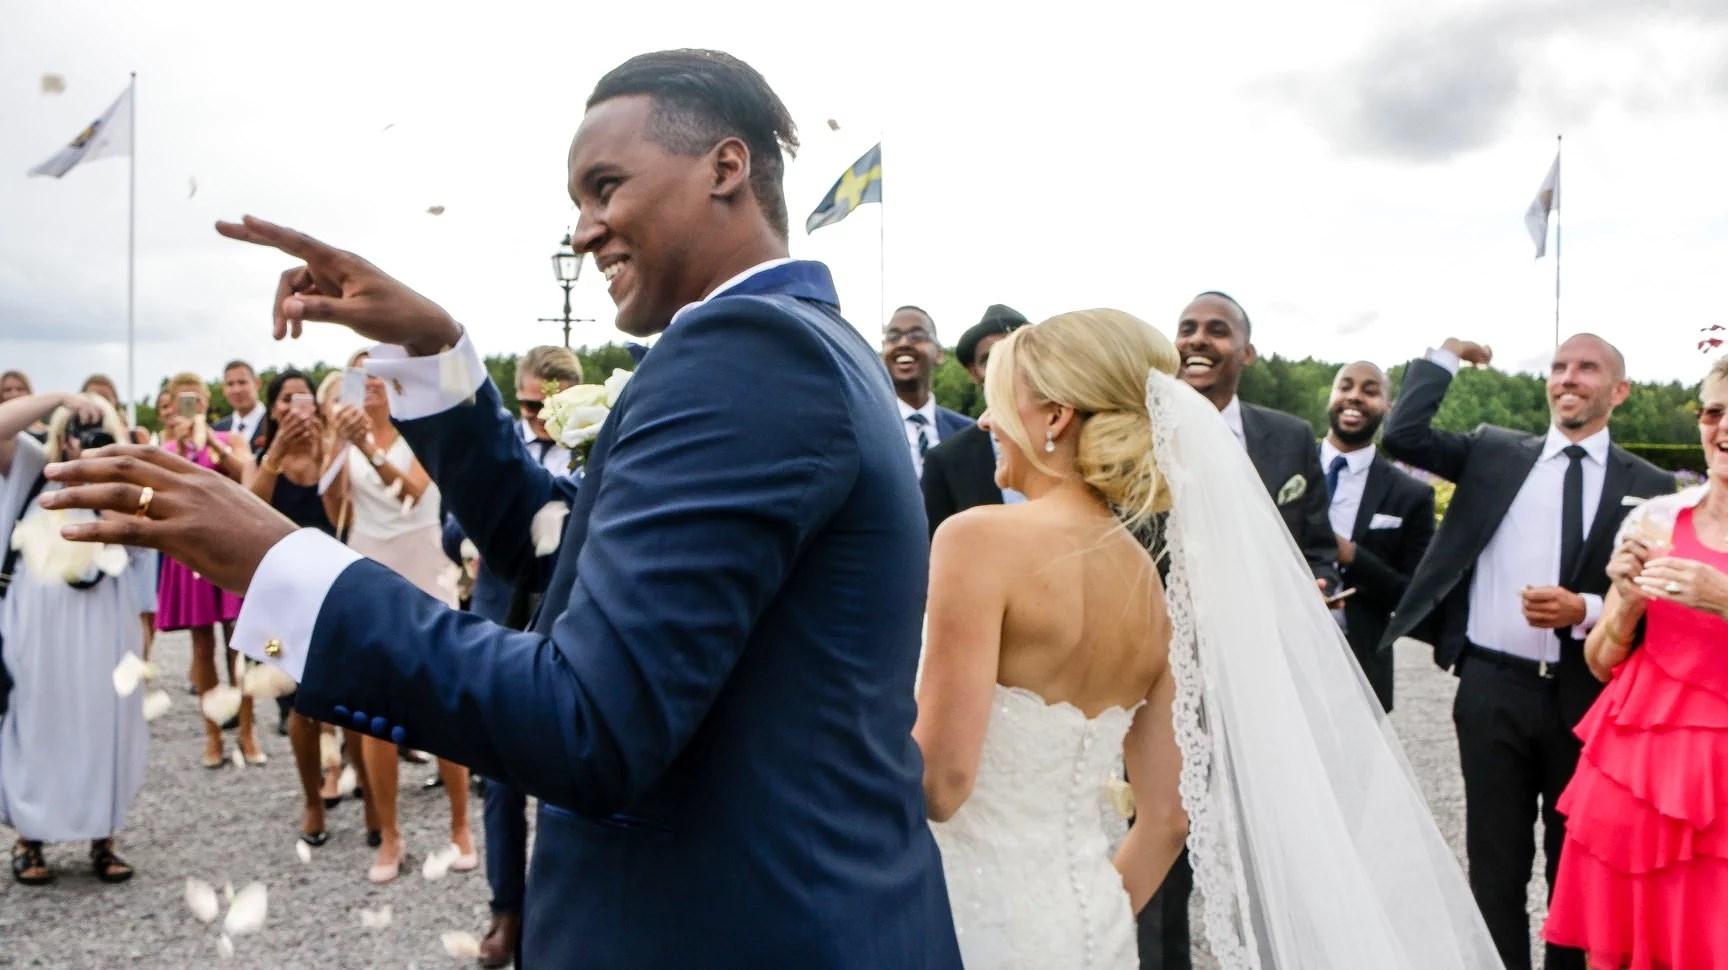 Wedding at Bro Hof slott